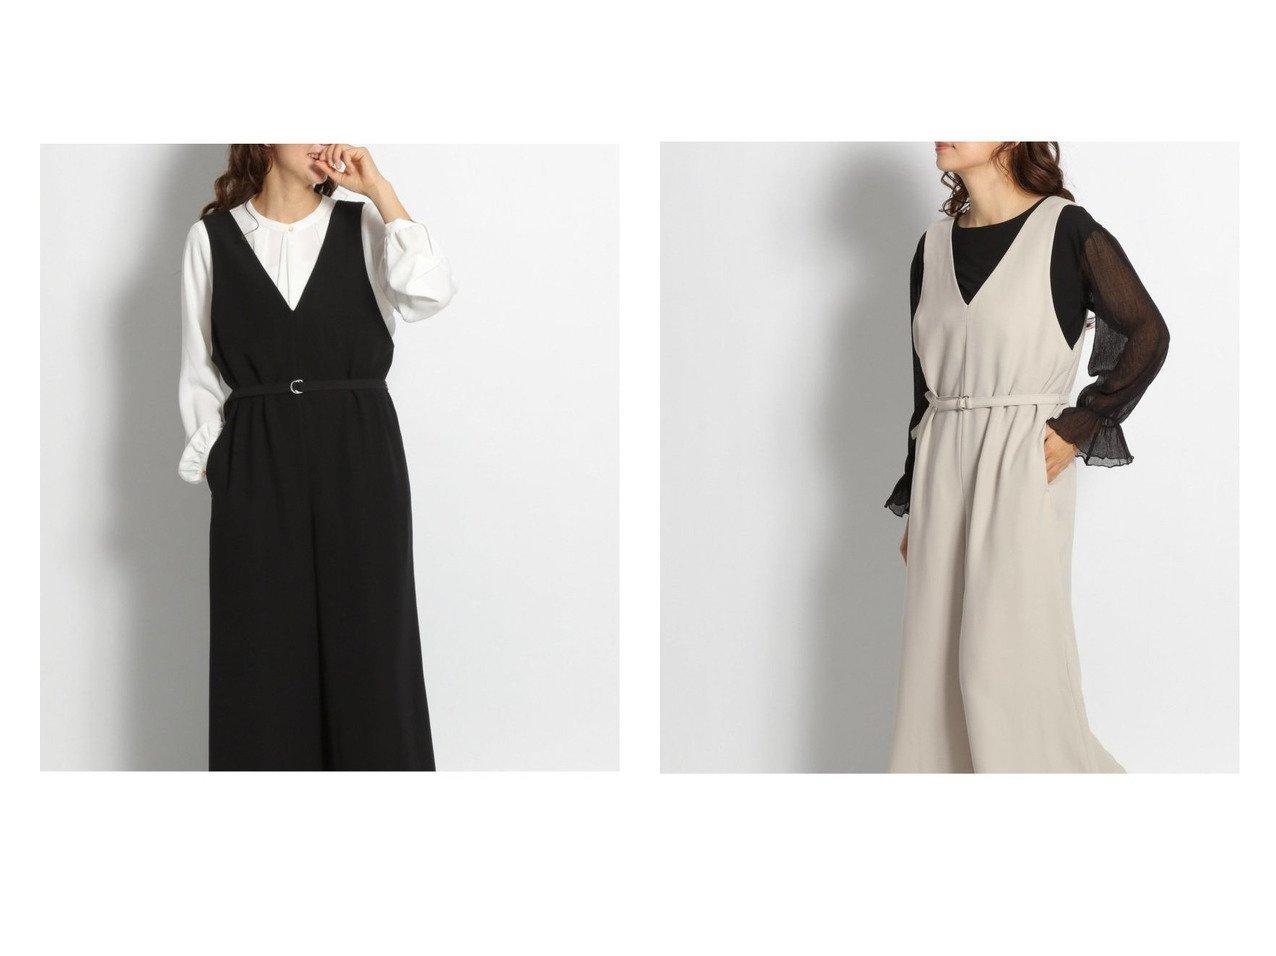 【niko and…/ニコアンド】の[BLACK BASIC STYLE]V開きベルト付きサロペット ワンピース・ドレスのおすすめ!人気、トレンド・レディースファッションの通販 おすすめで人気の流行・トレンド、ファッションの通販商品 メンズファッション・キッズファッション・インテリア・家具・レディースファッション・服の通販 founy(ファニー) https://founy.com/ ファッション Fashion レディースファッション WOMEN ベルト Belts サロペット シンプル ジャケット ジーンズ セットアップ バランス フォーマル モダン |ID:crp329100000009390